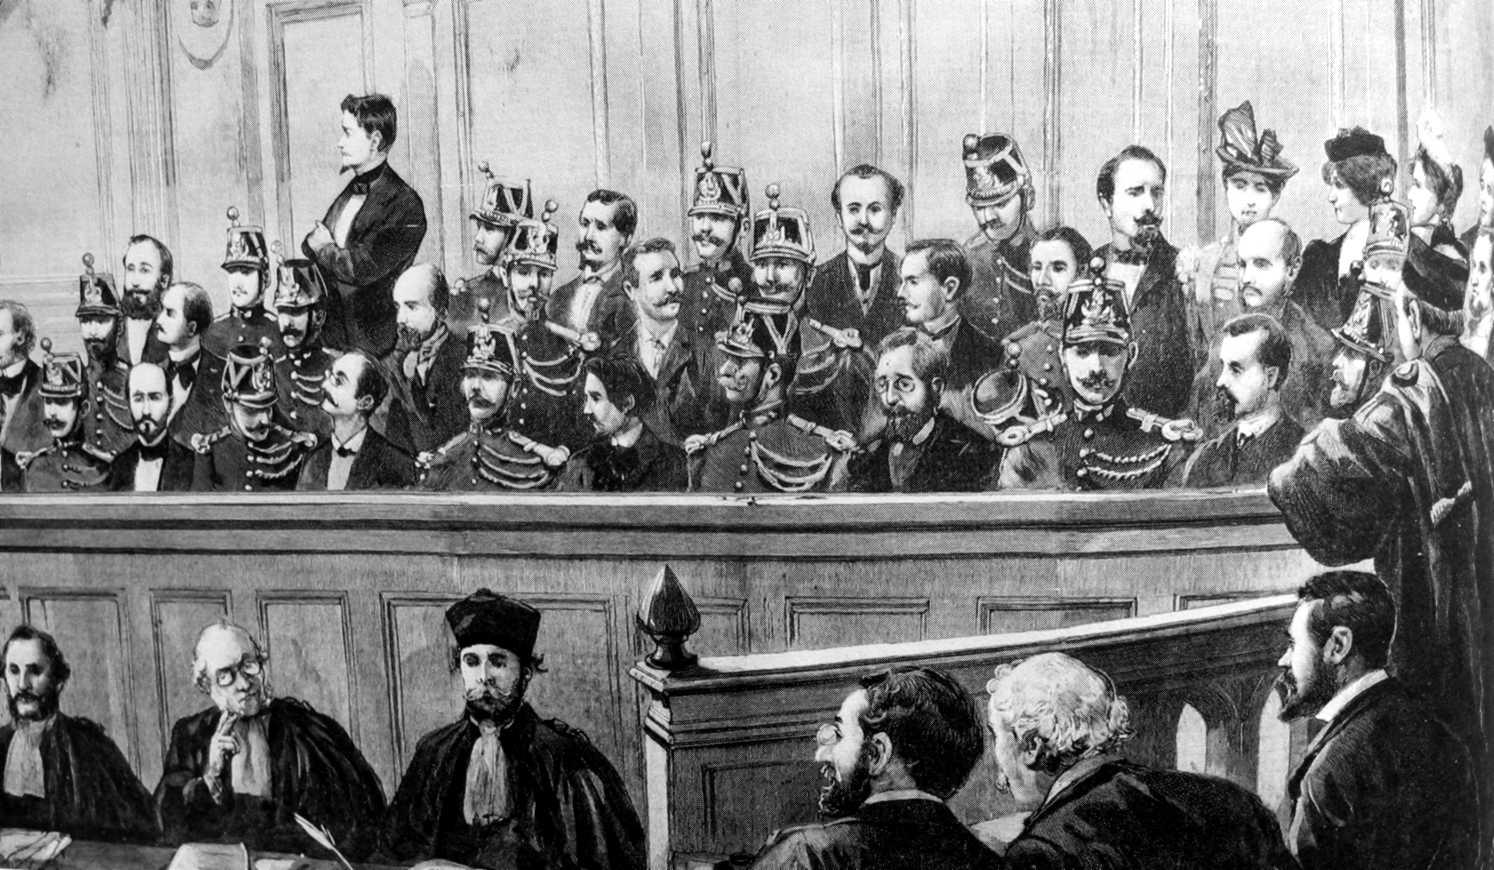 """Banquillo del """"Proceso de los Treinta"""" (""""Le Jorunal Illustré, 19 de agosto de 1894)"""